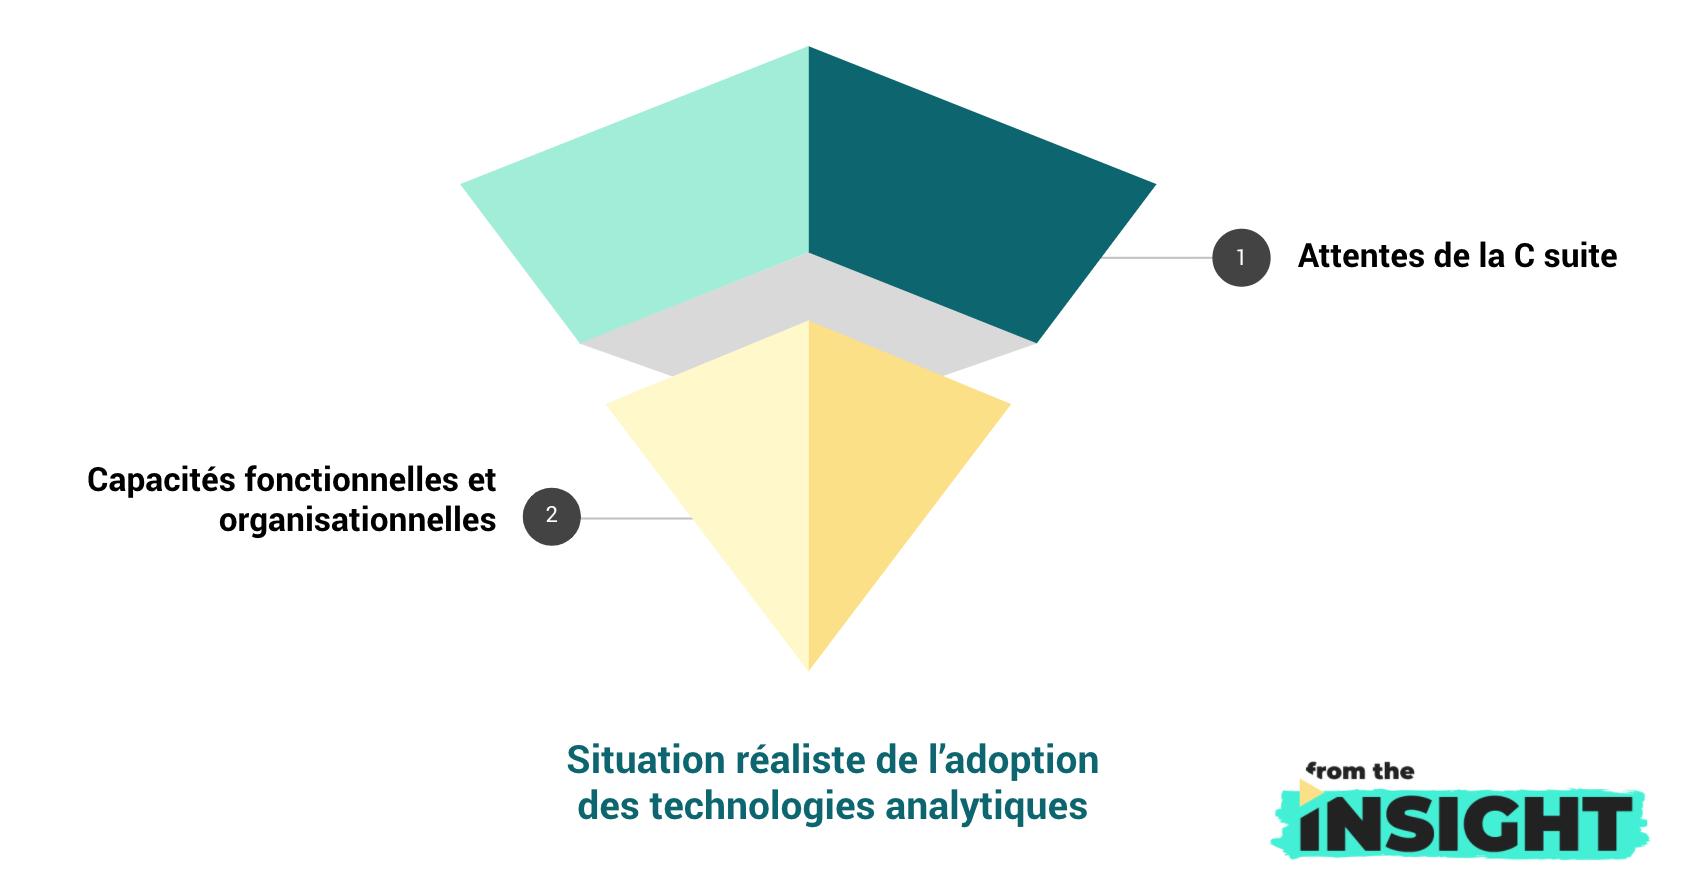 adoption des technologies analytiques : situation réaliste